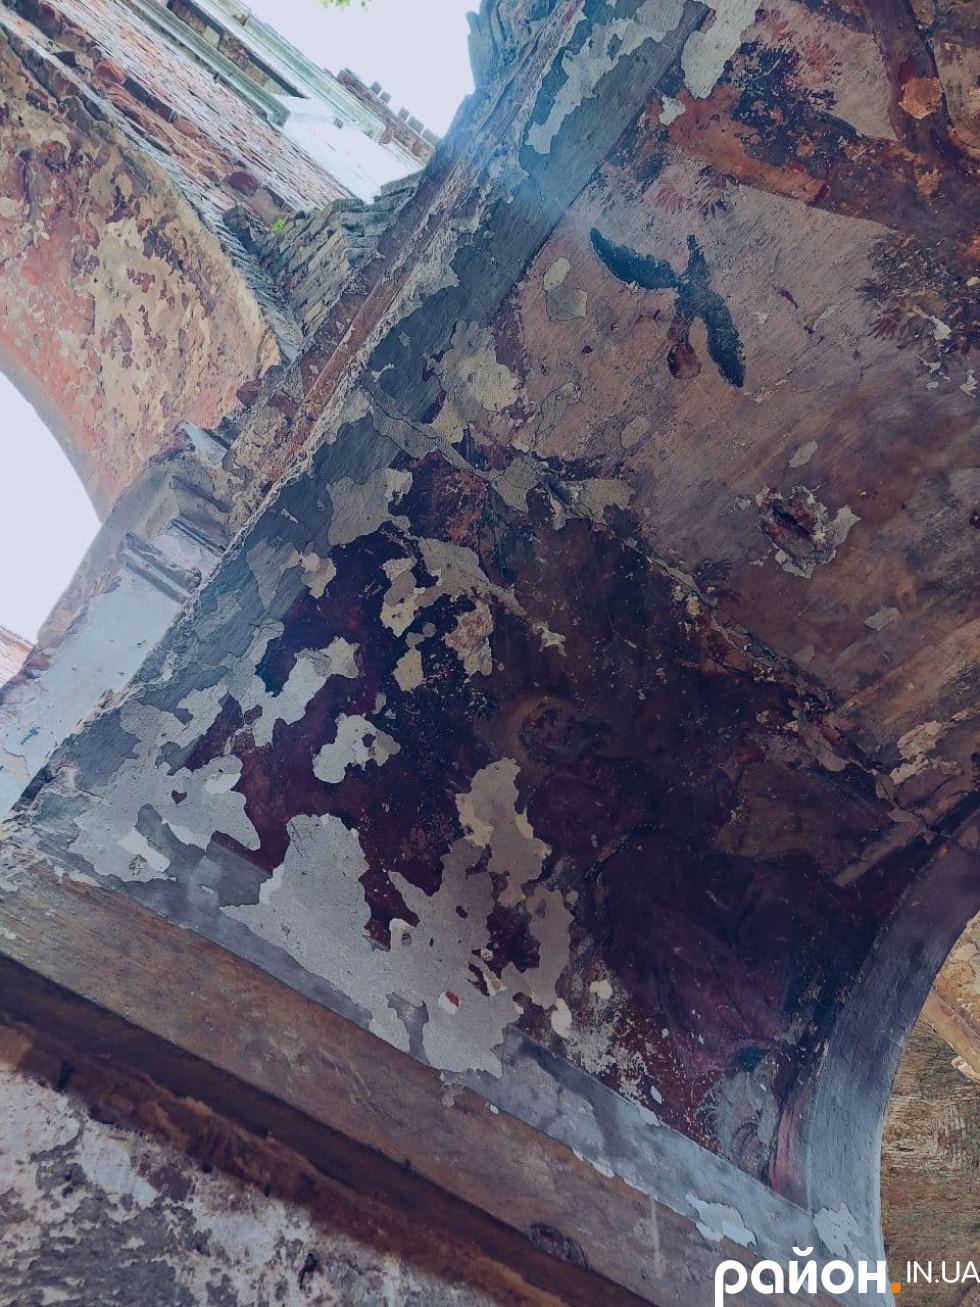 Придивіться: у цьому побляклому шматочку колишньої розкоші ще можна впізнати фреску